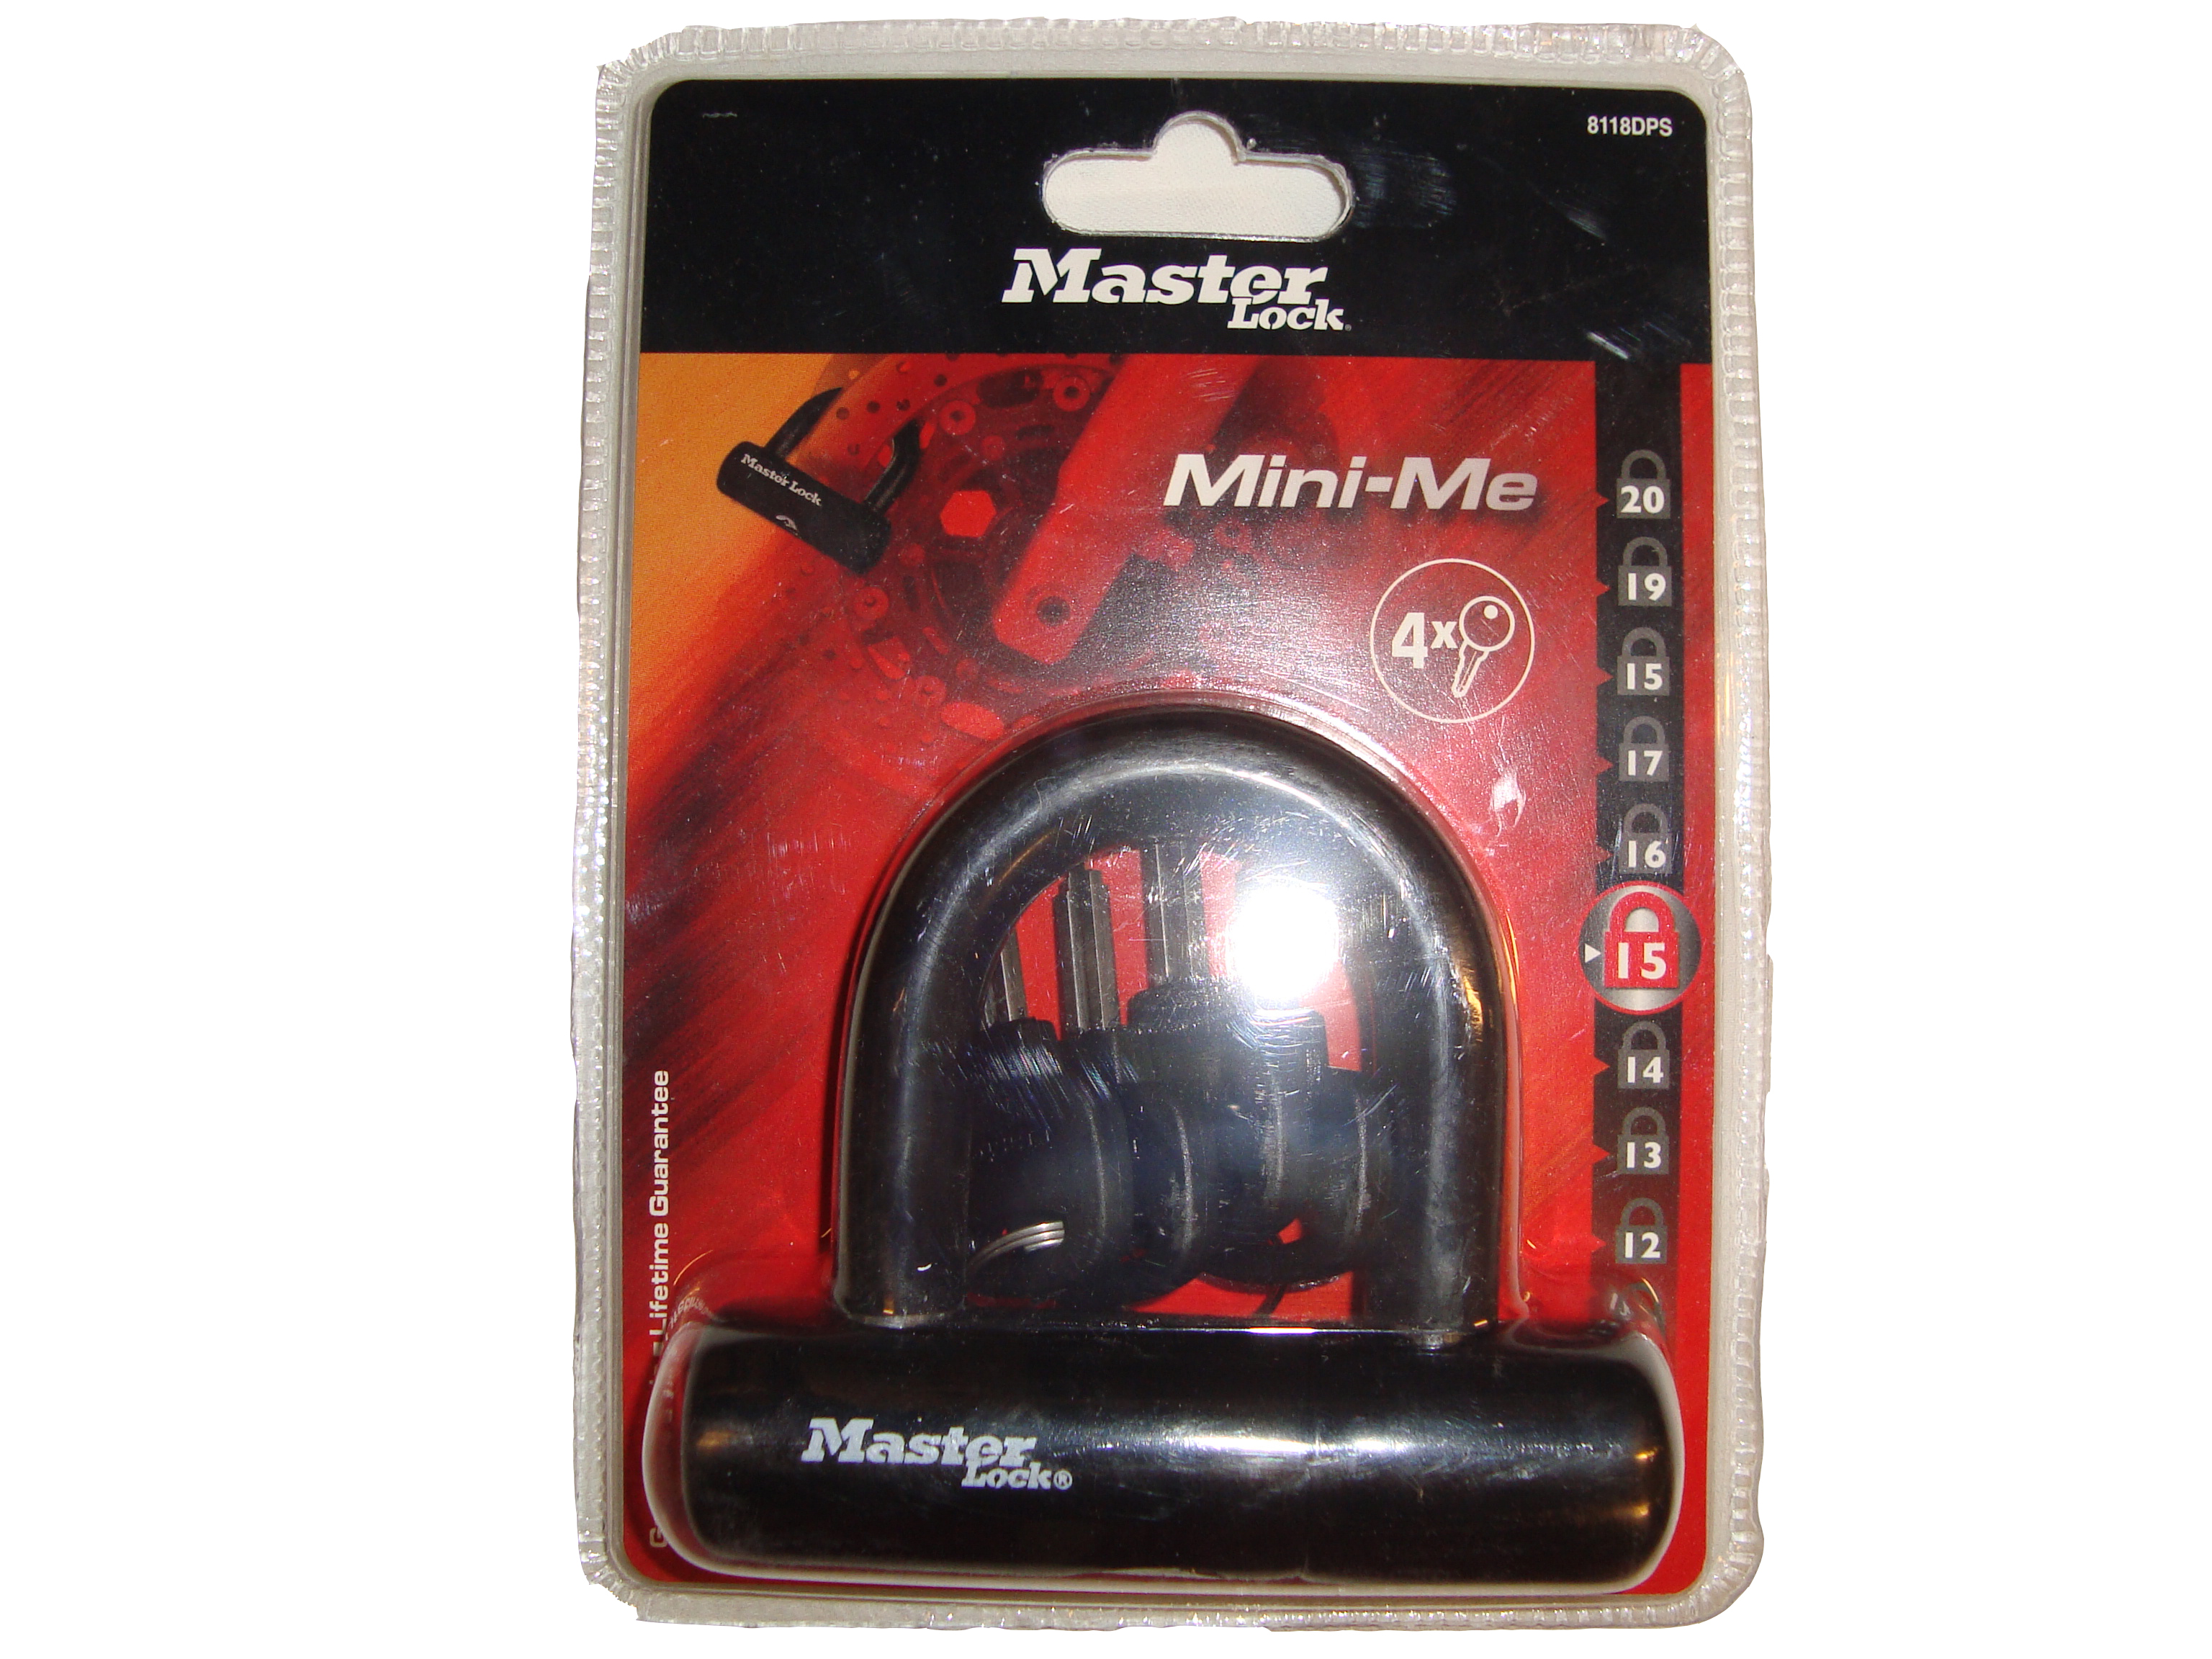 MasterLock minipodkova, 93x47x14 mm, (8118)